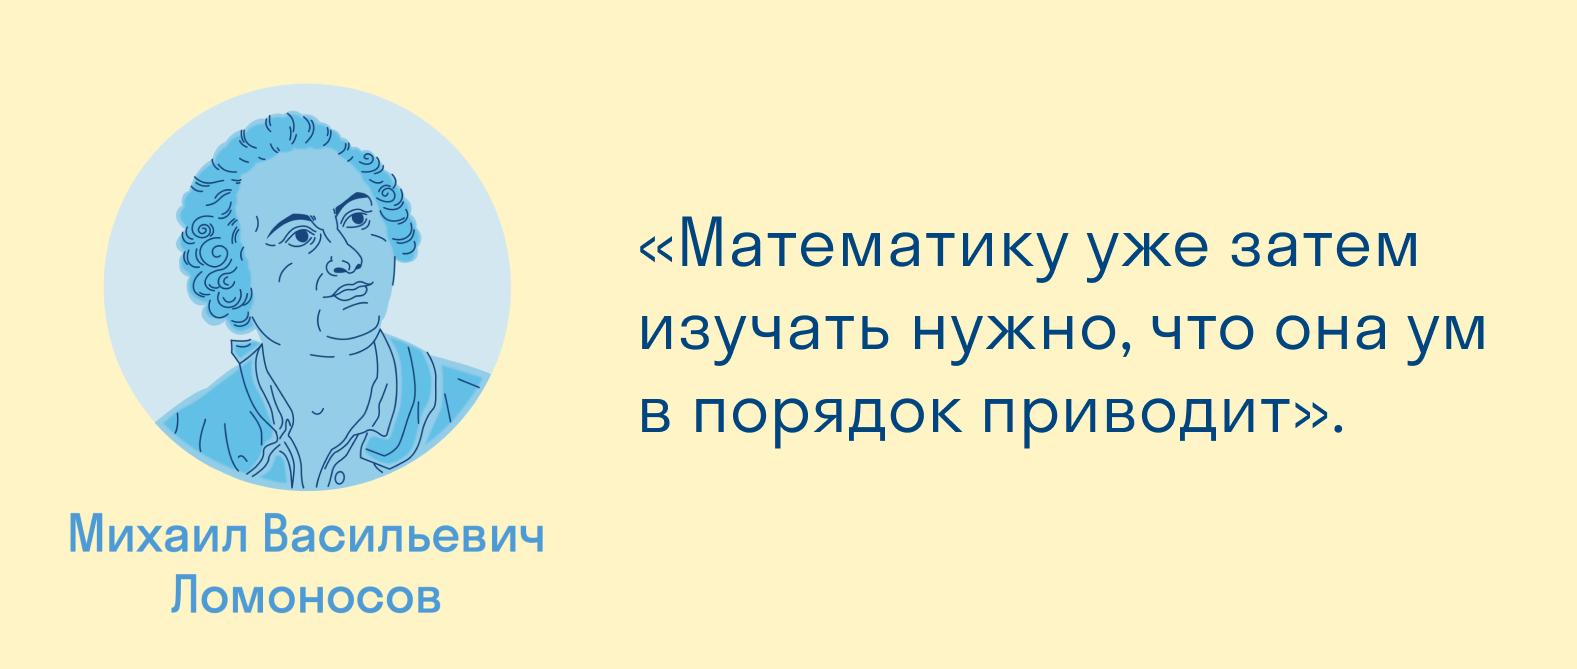 цитата Ломоносова